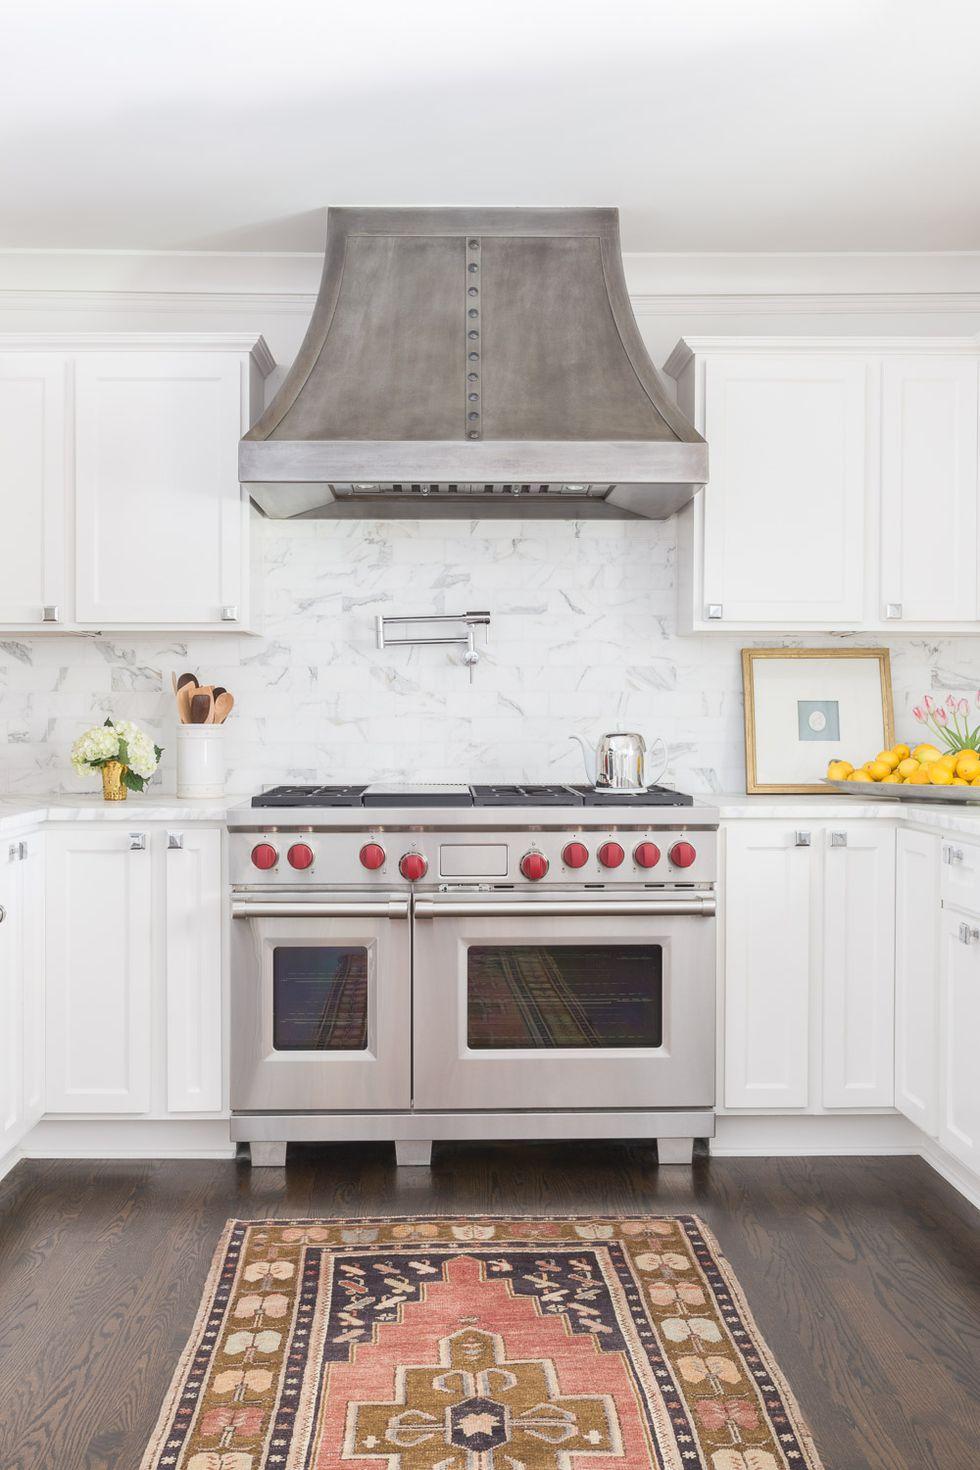 Daylight Savings Kitchen Counter Declutter